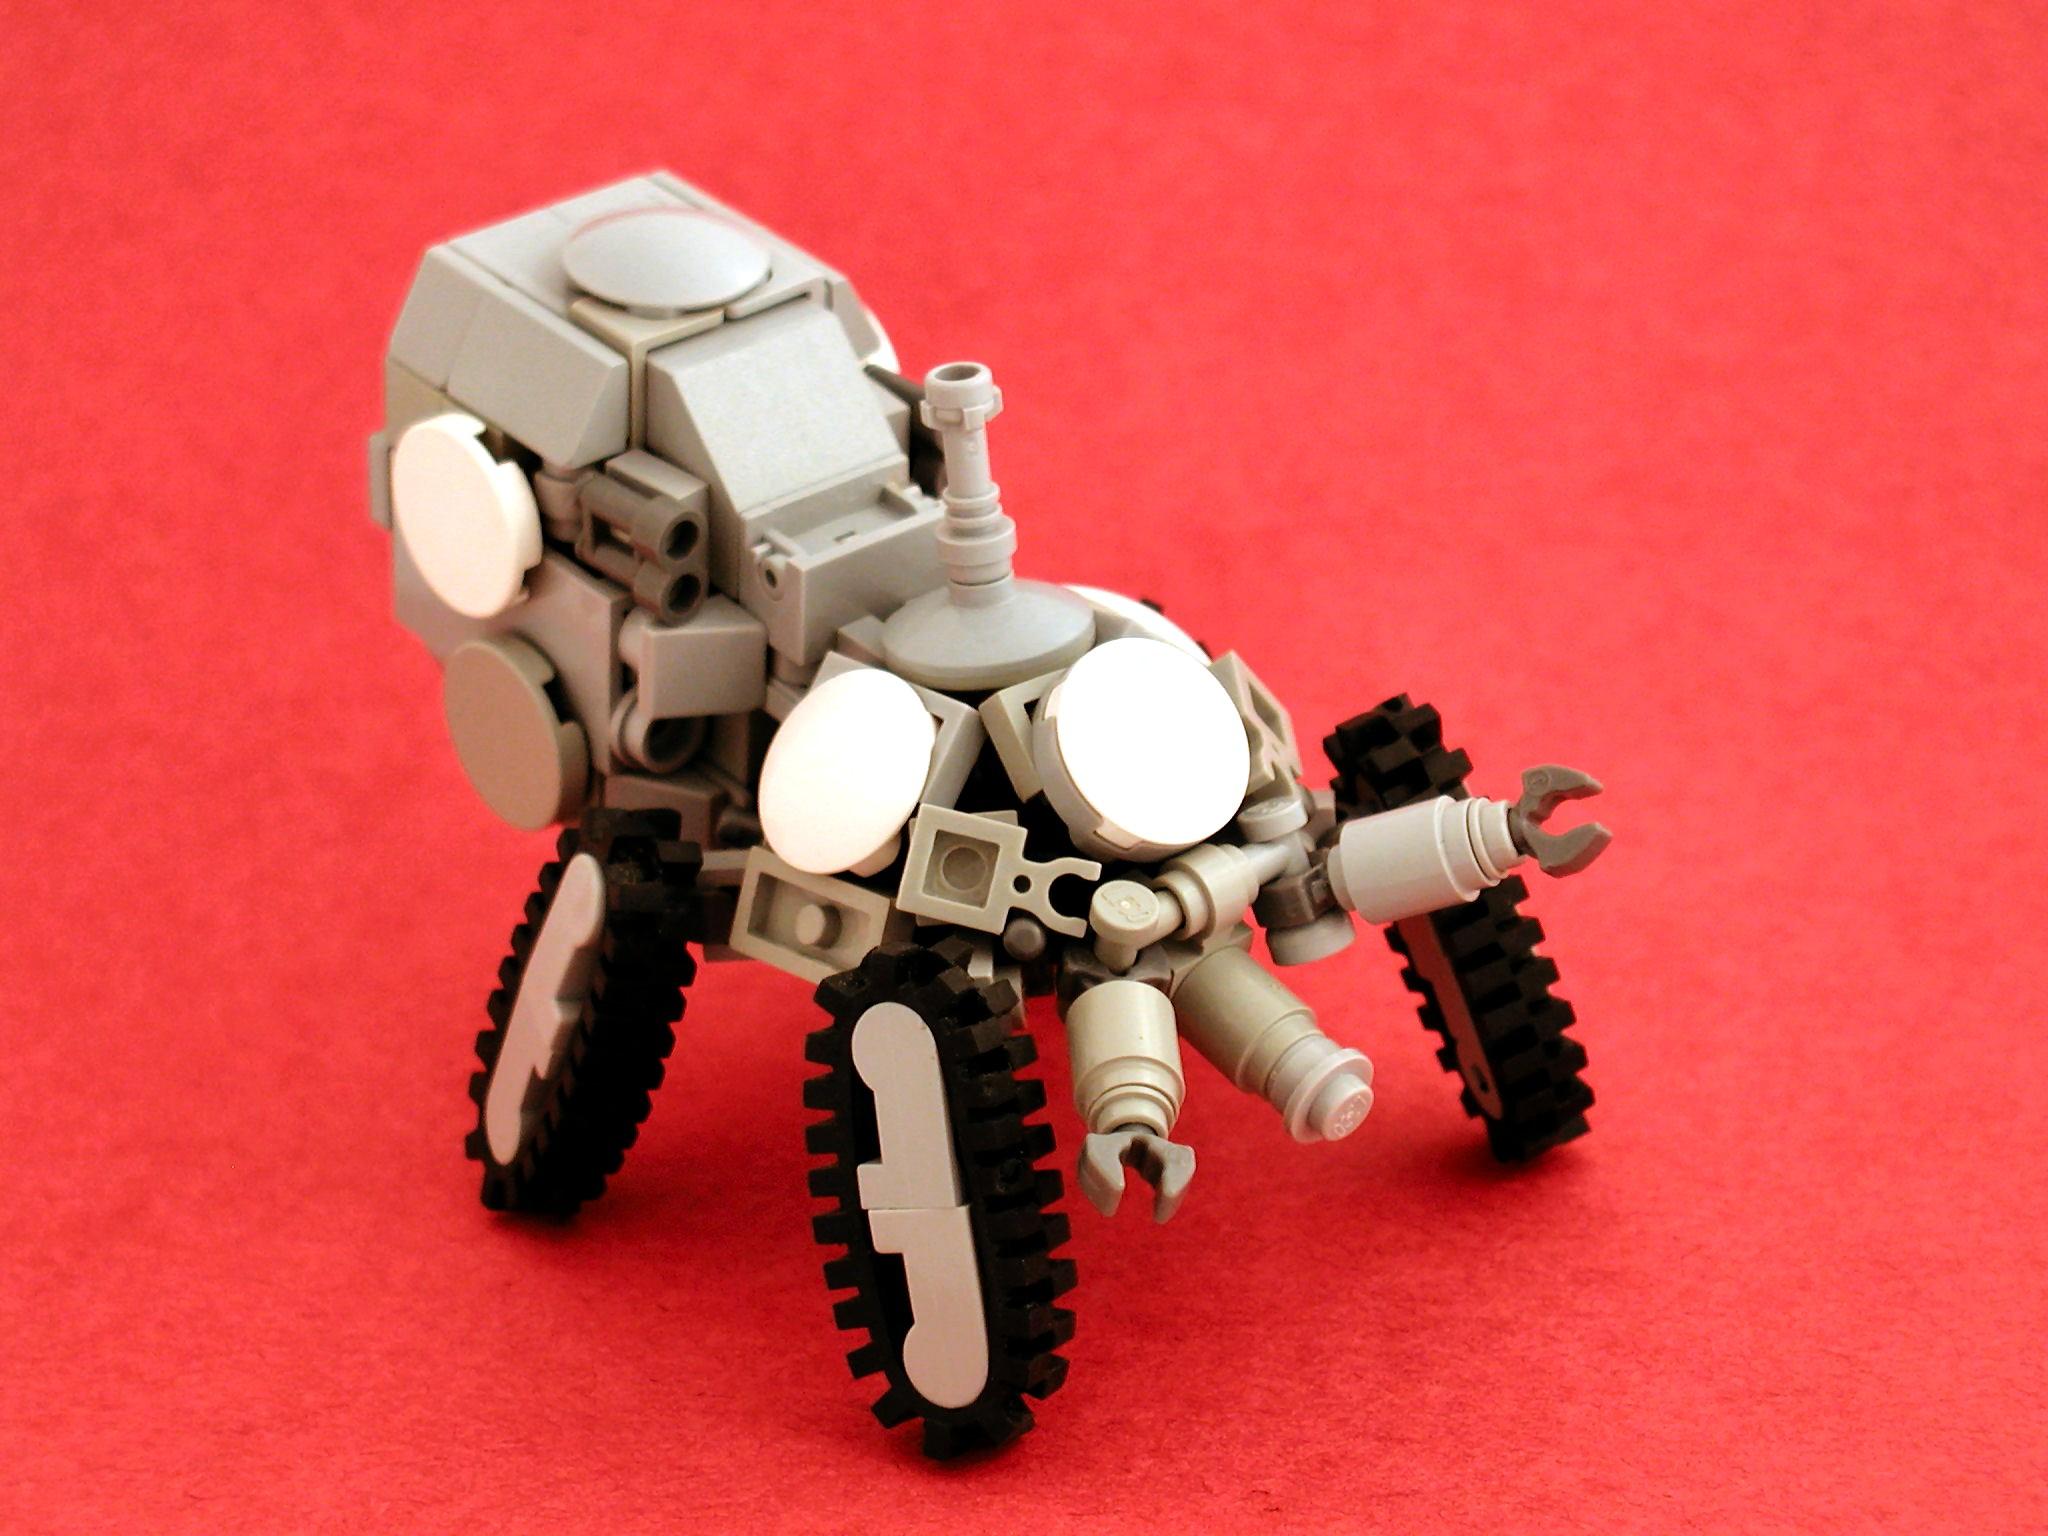 デスクトップ壁紙 ロボット レゴ メカ おもちゃ 機械 タチコマ